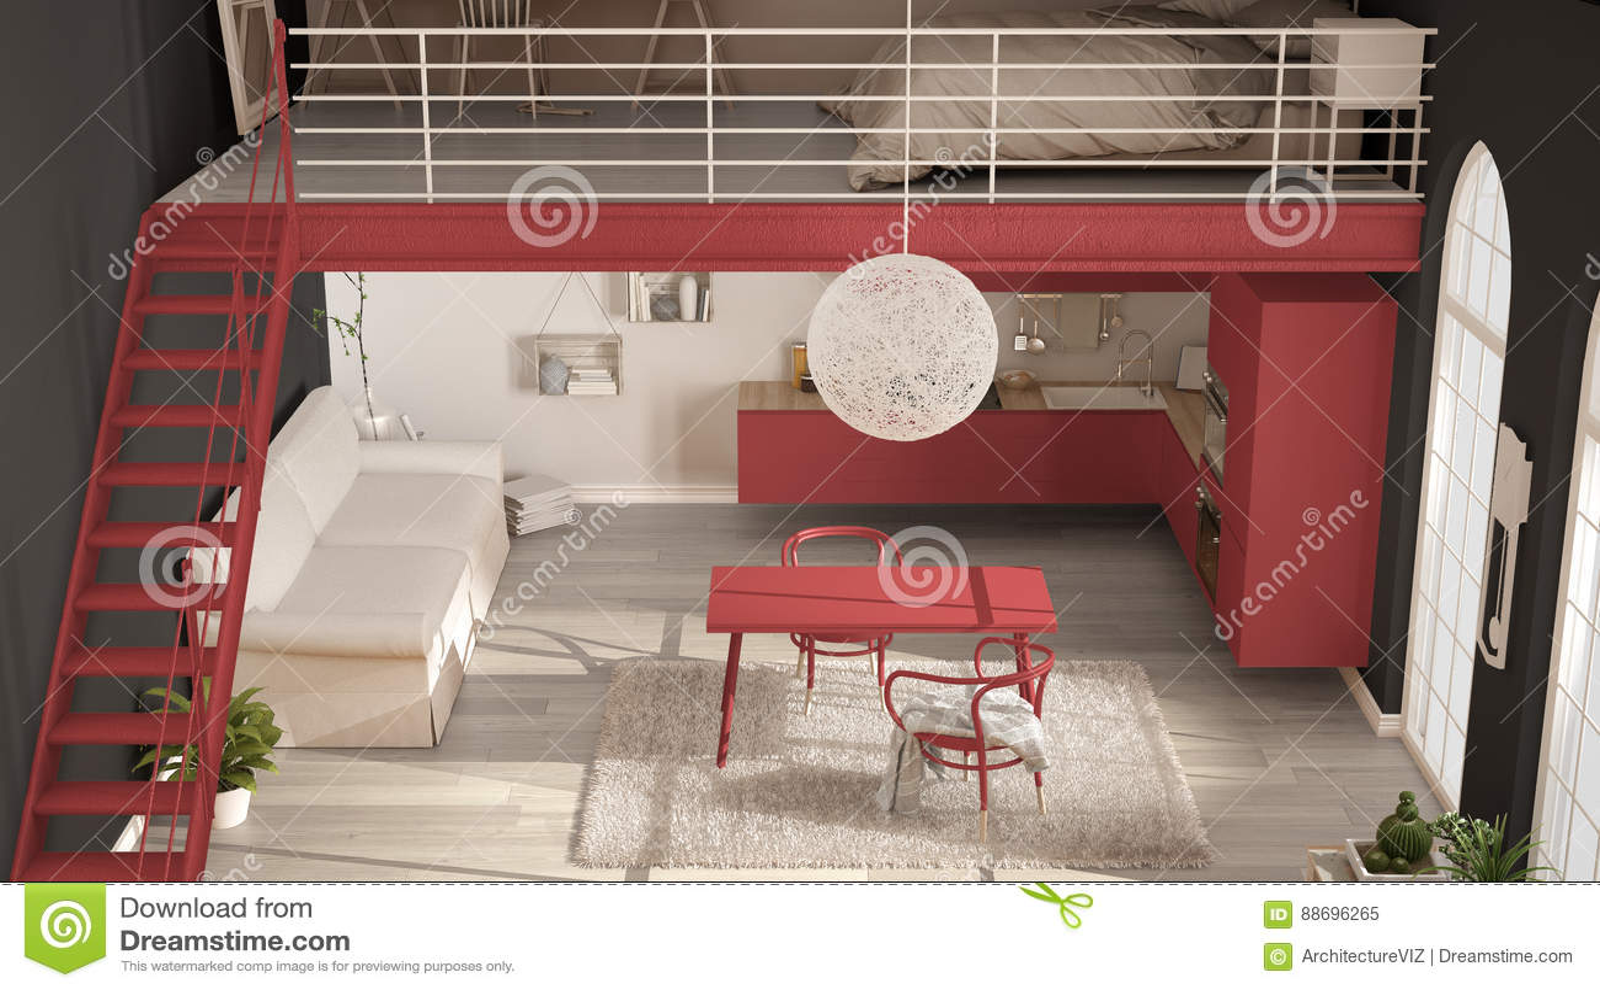 Skandynawski Minimalistyczny Loft Jednoizbowy Mieszkanie Z